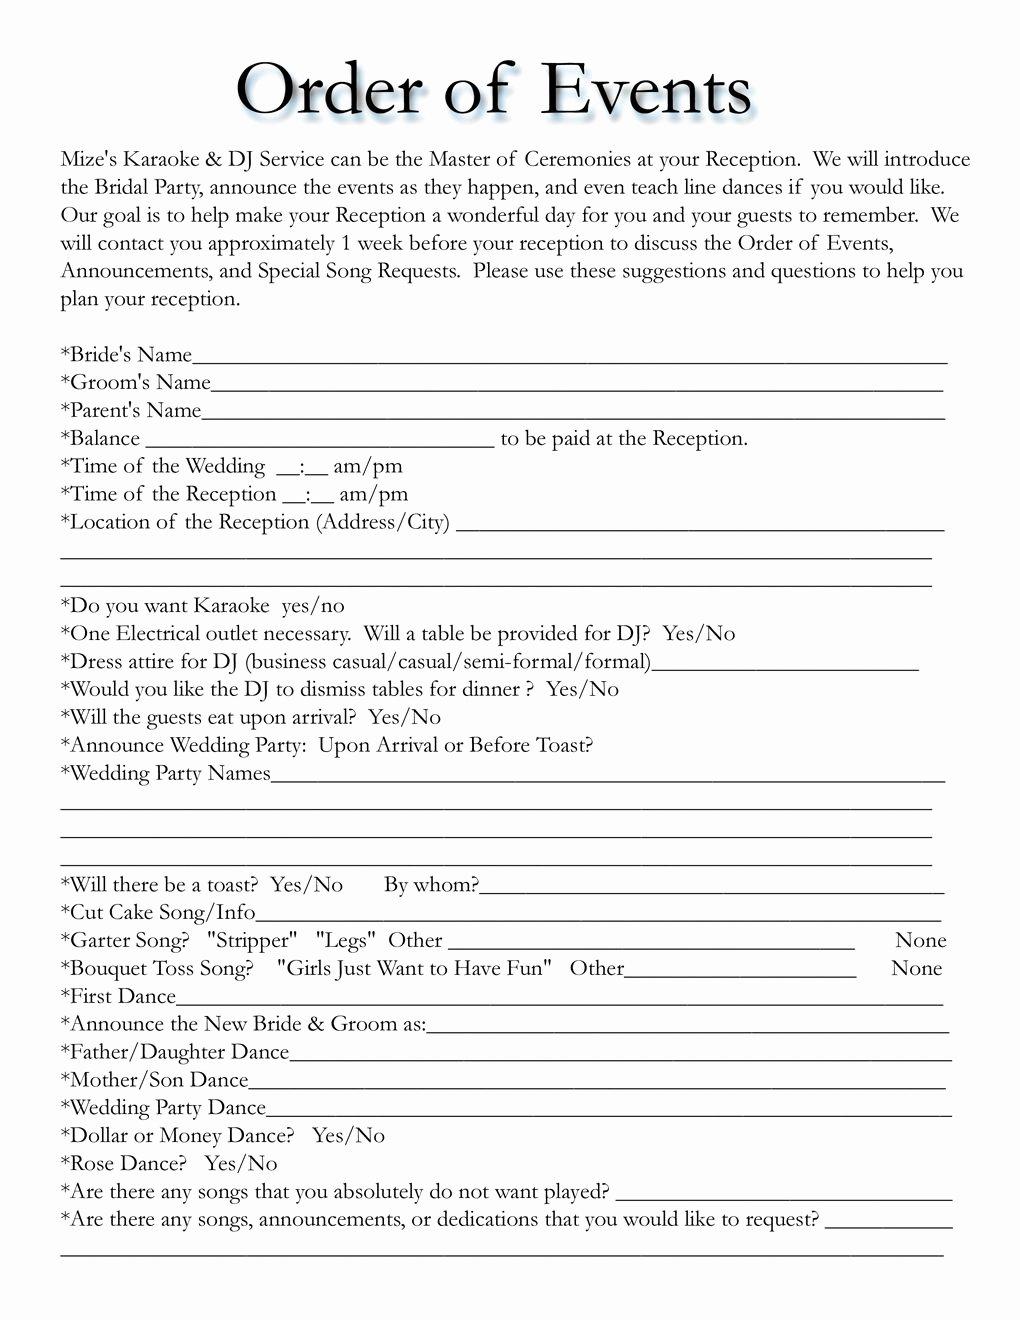 Wedding Itinerary Template Free Beautiful Wedding Itinerary Templates Free